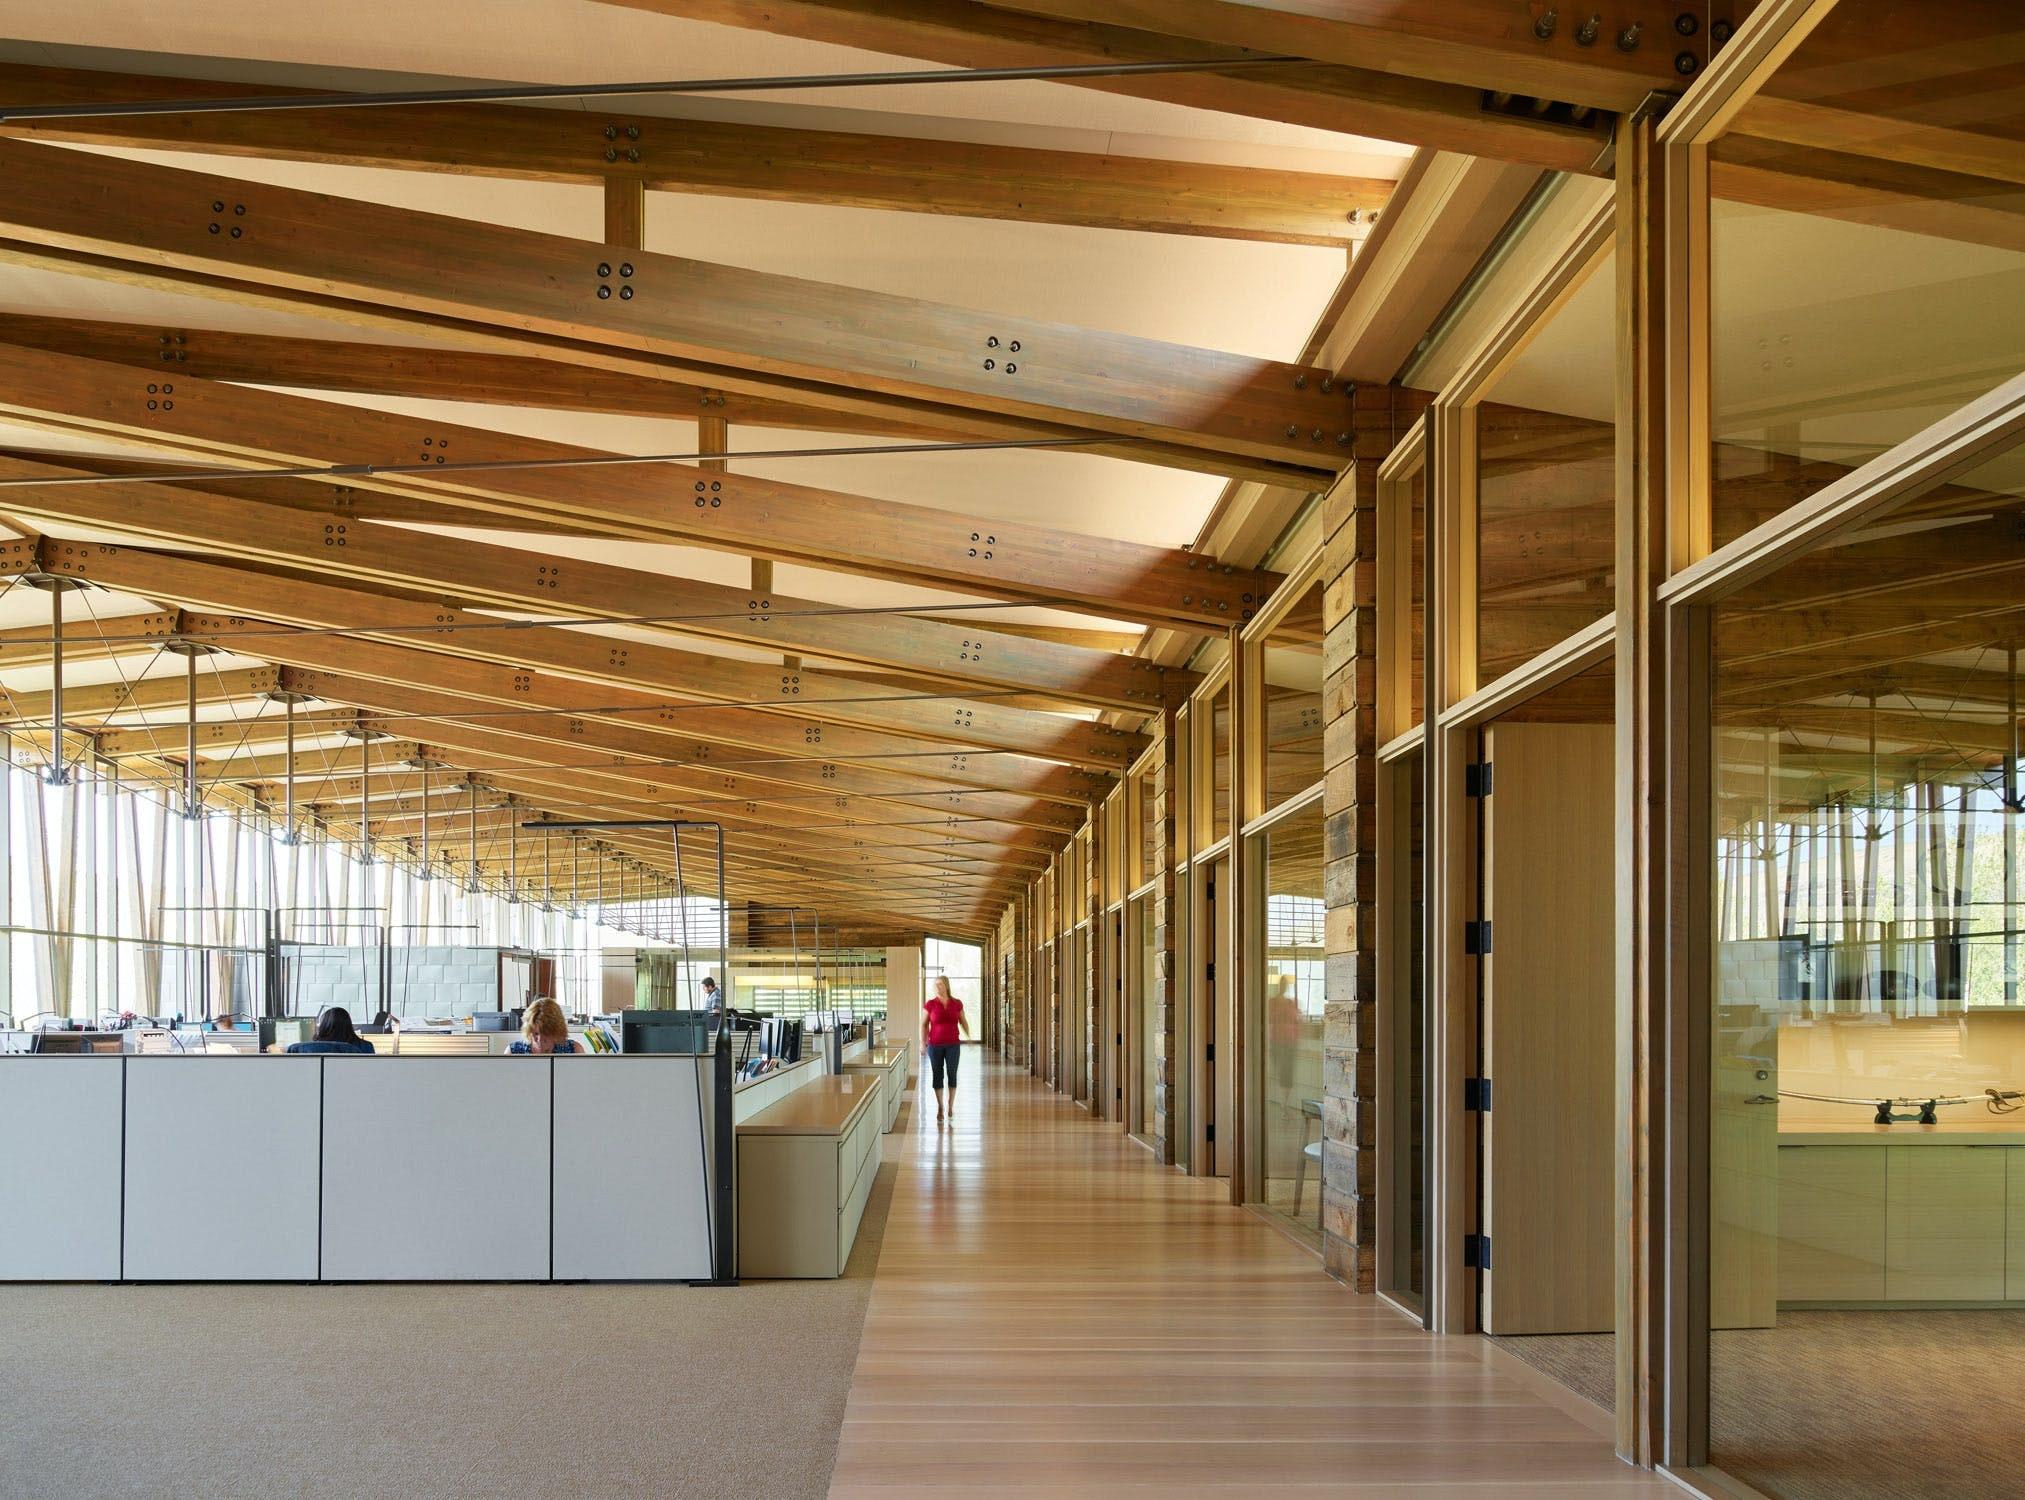 Washington Fruit U0026 Produce Co. Headquarters In Yakima, WA By Graham Baba  Architects;